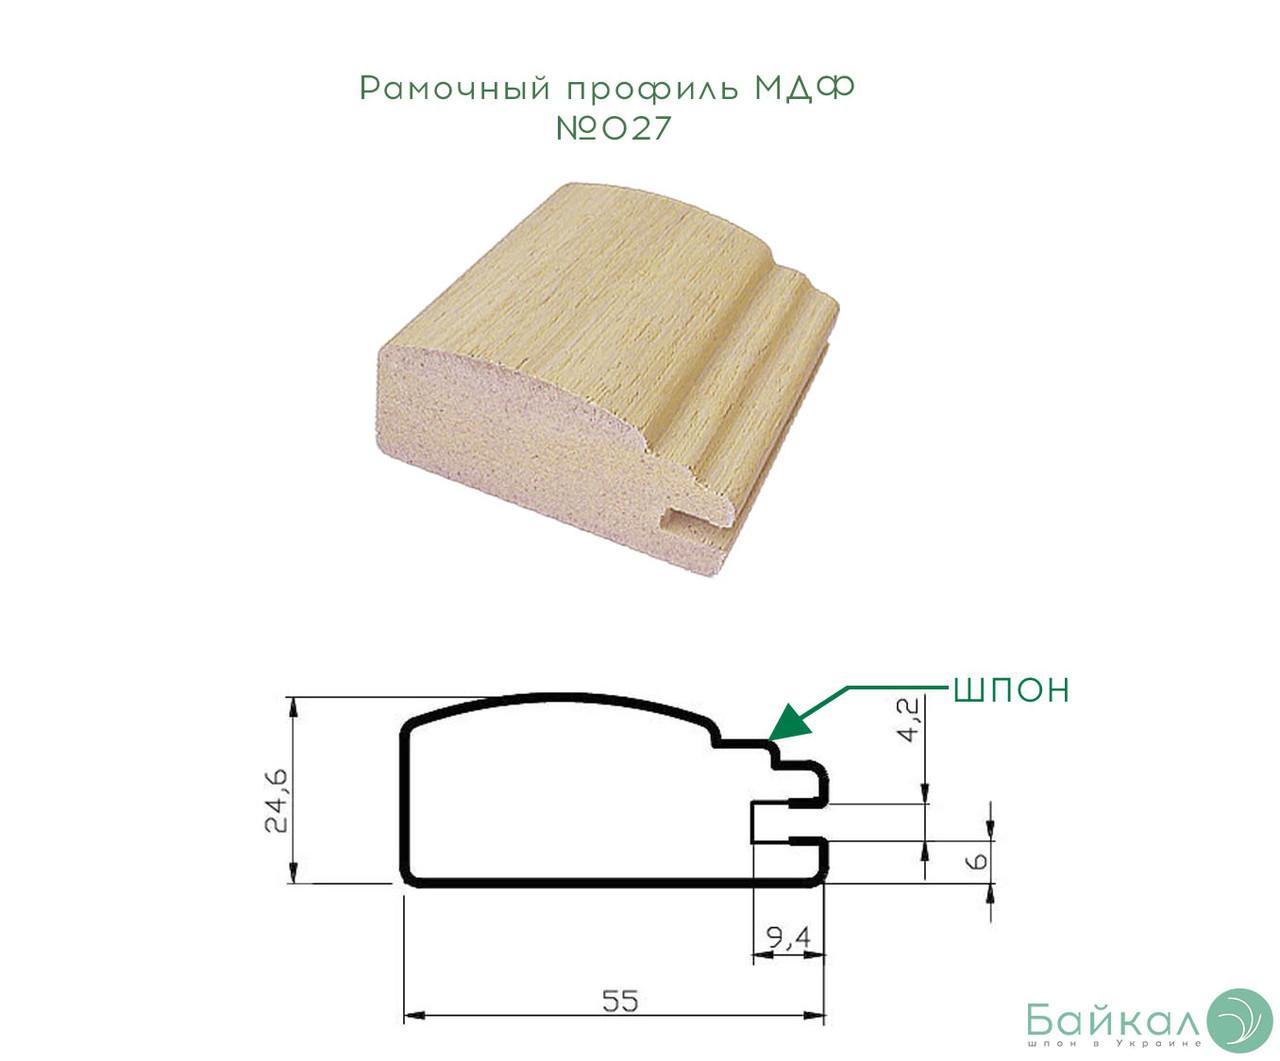 Рамочный профиль МДФ №027 шпонированный 25 мм 2,8мх55 мм